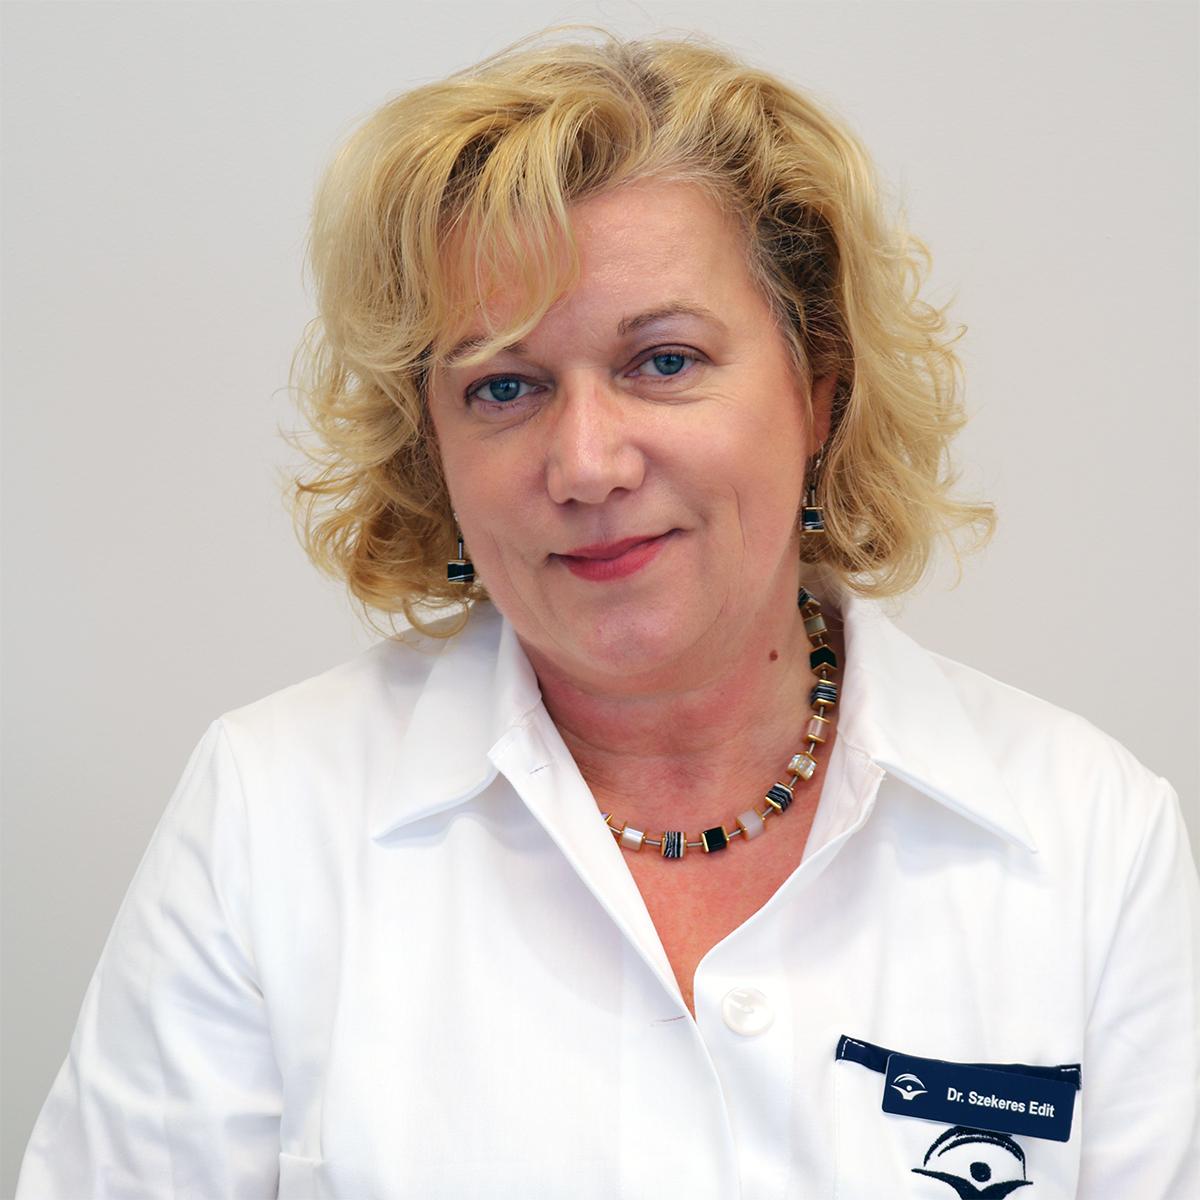 Dr. Szekeres Edit